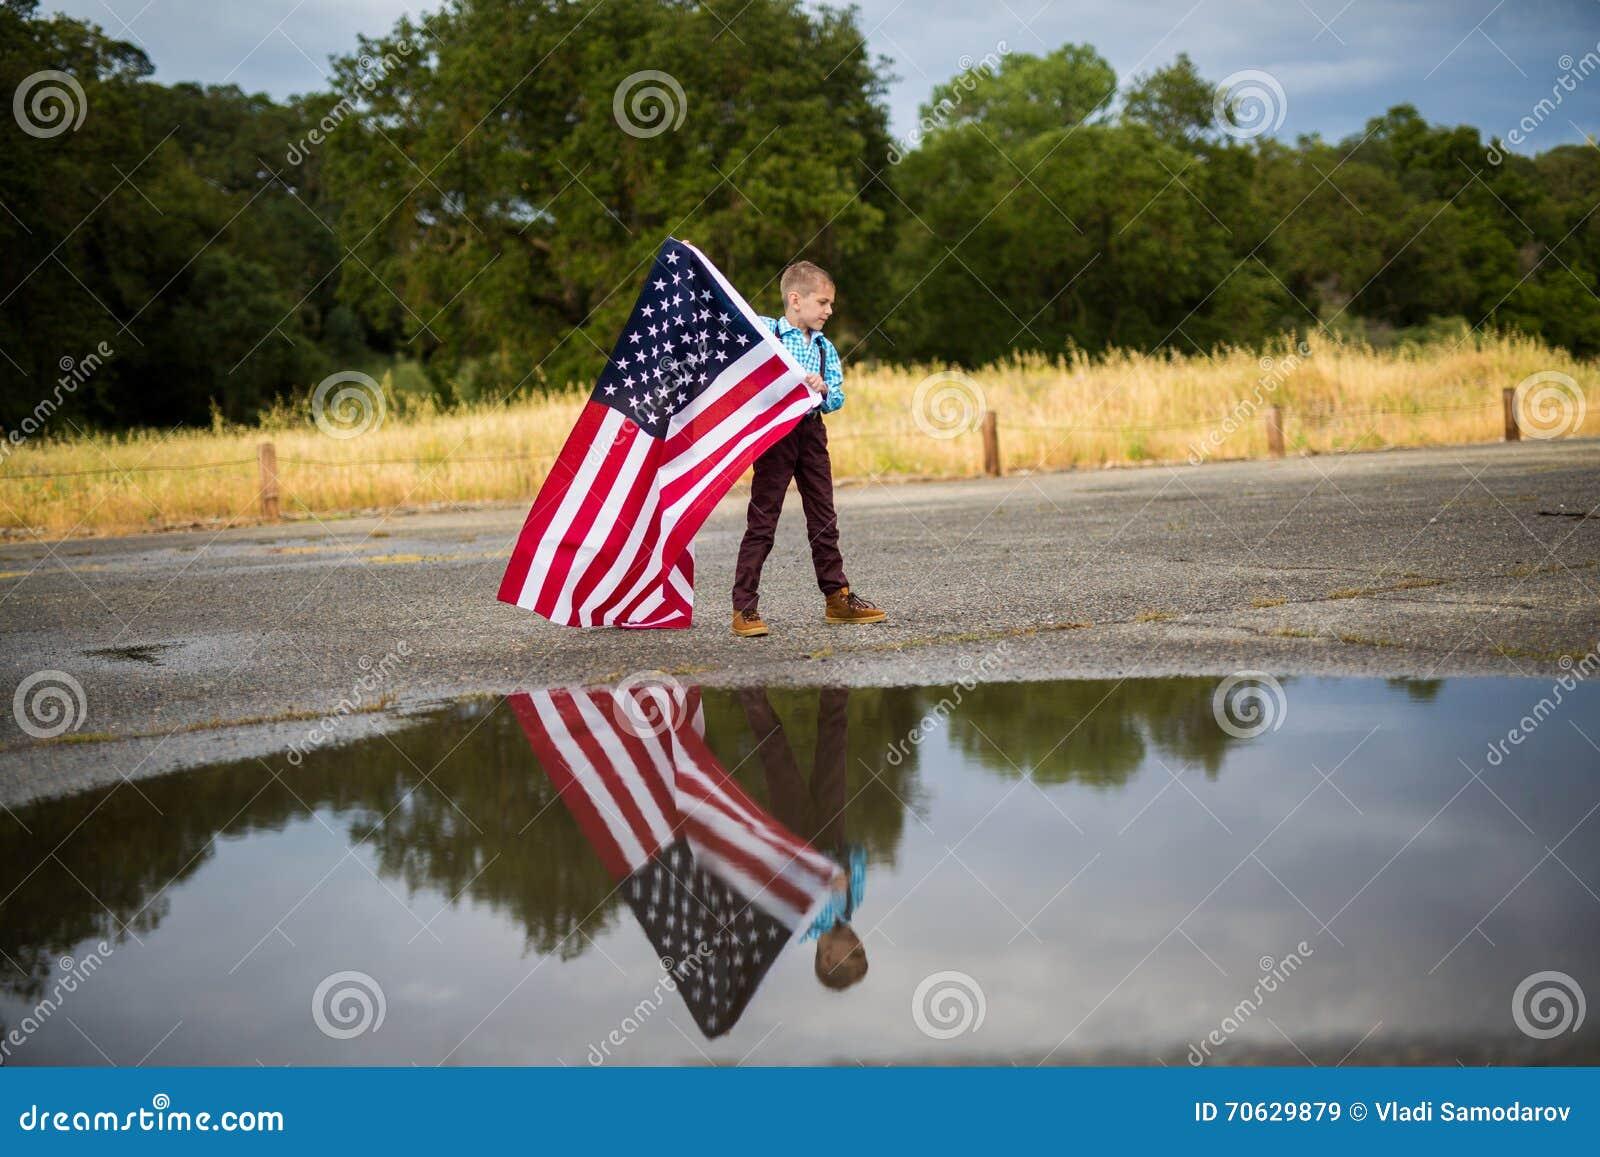 Młoda chłopiec trzyma wielką flaga amerykańską pokazuje patriotyzm dla jego swój kraju, Jednoczy stany